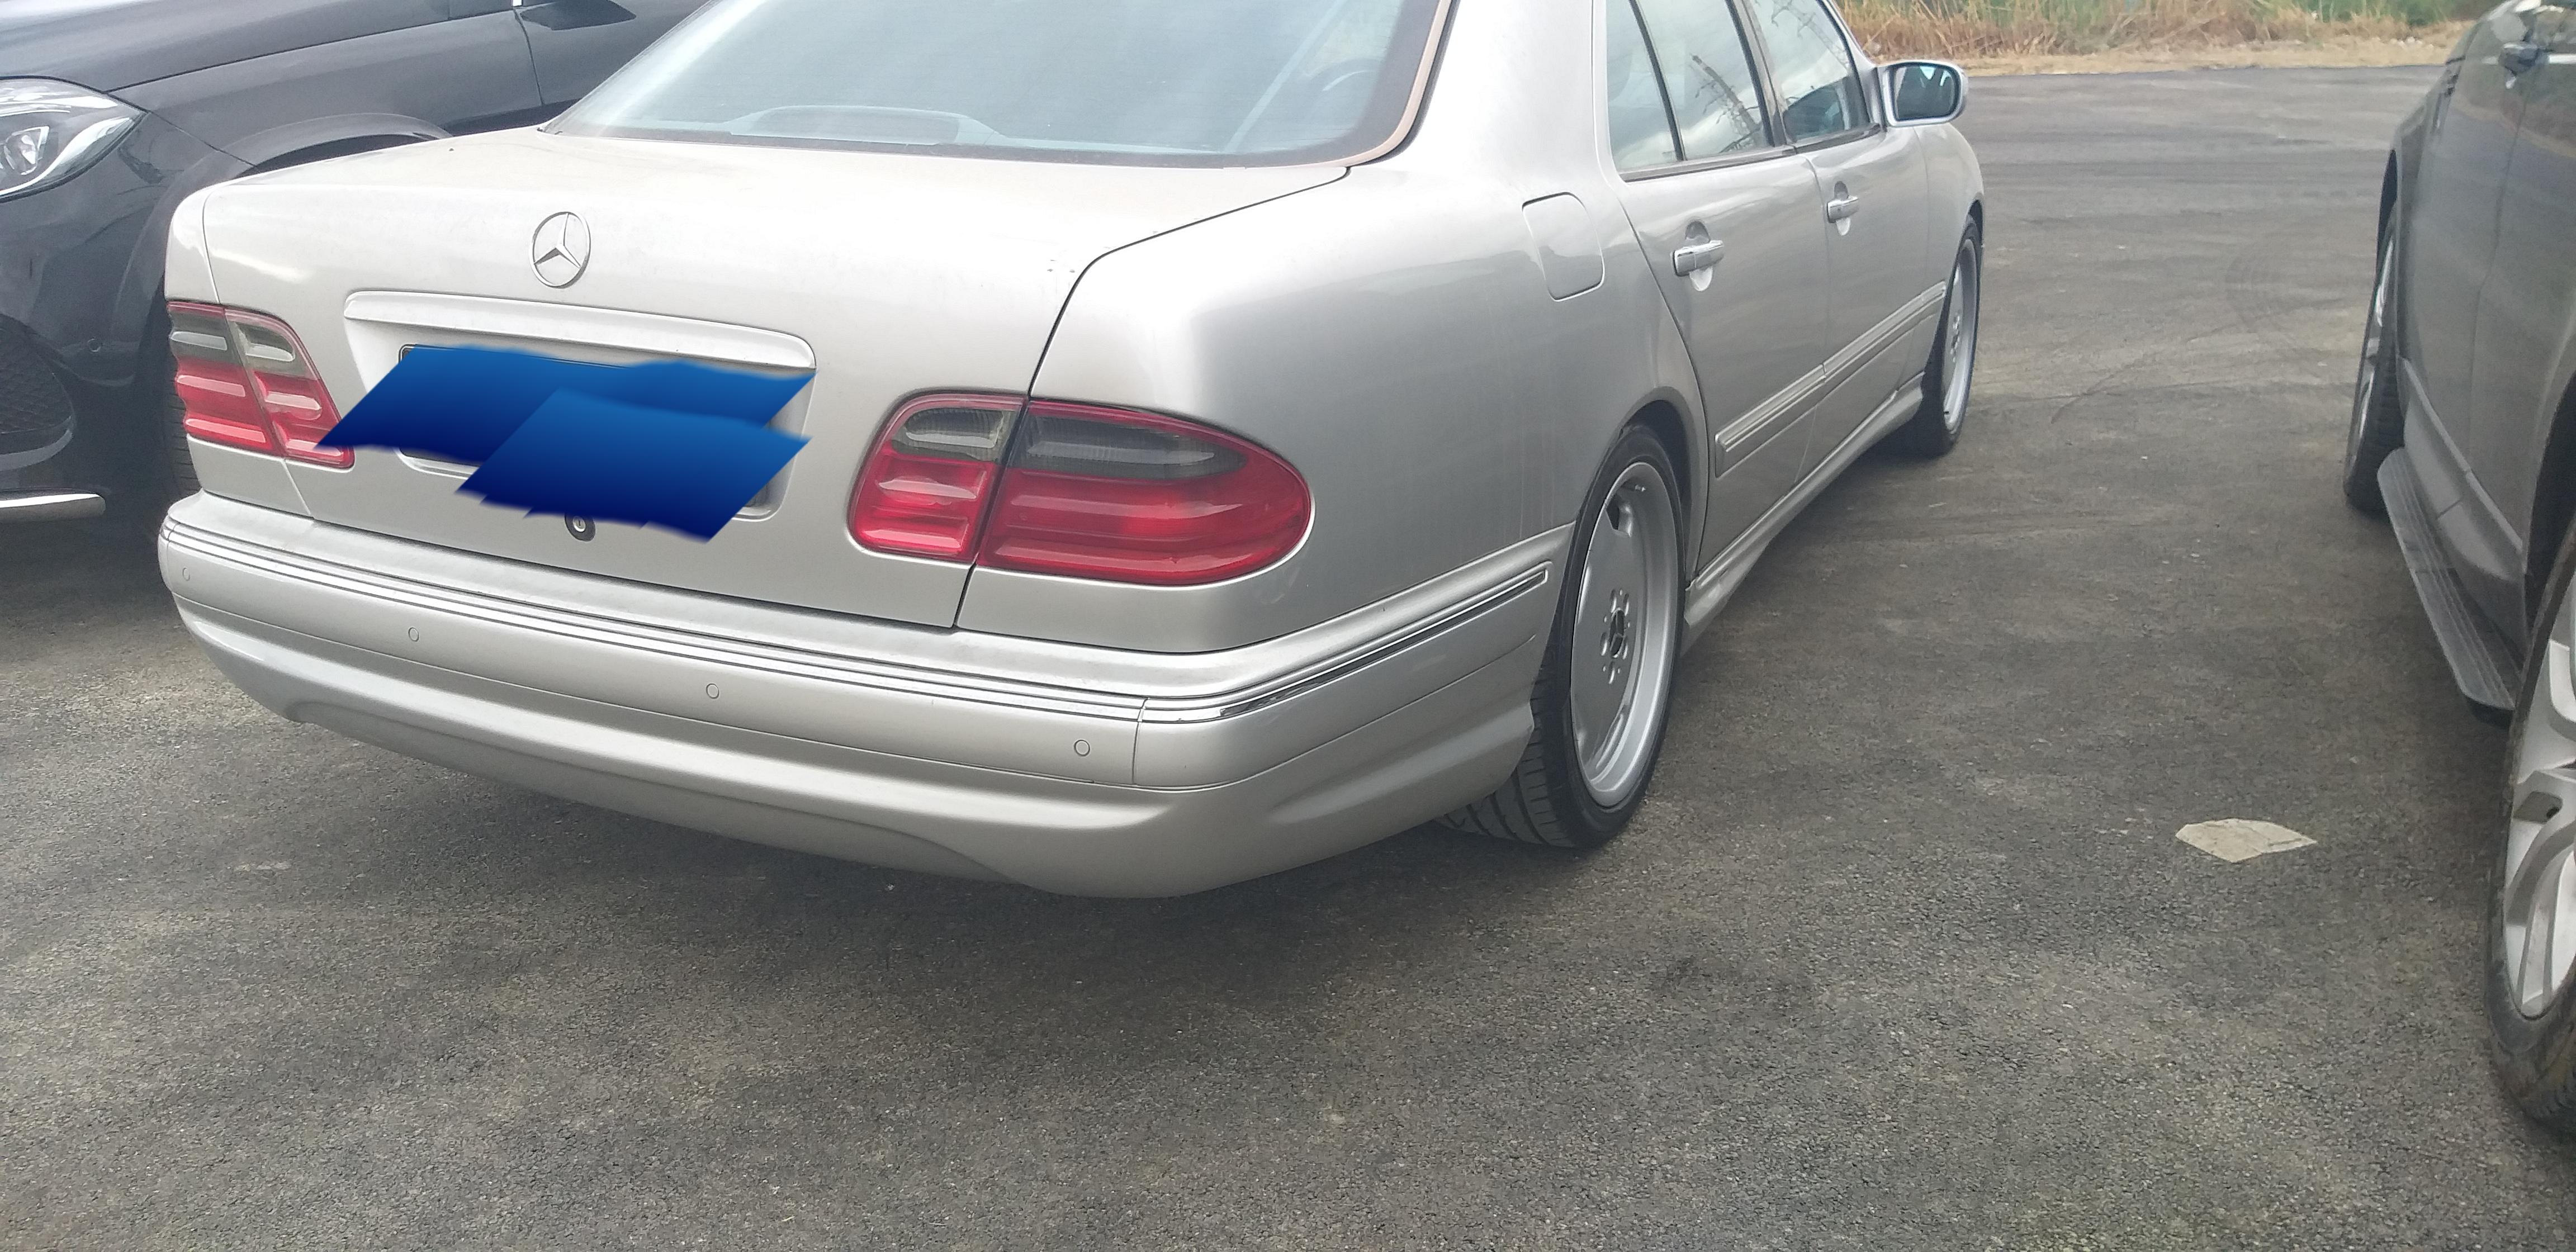 Mercedes-Benz E 280 2.8(lt) 1999 Second hand  $10100